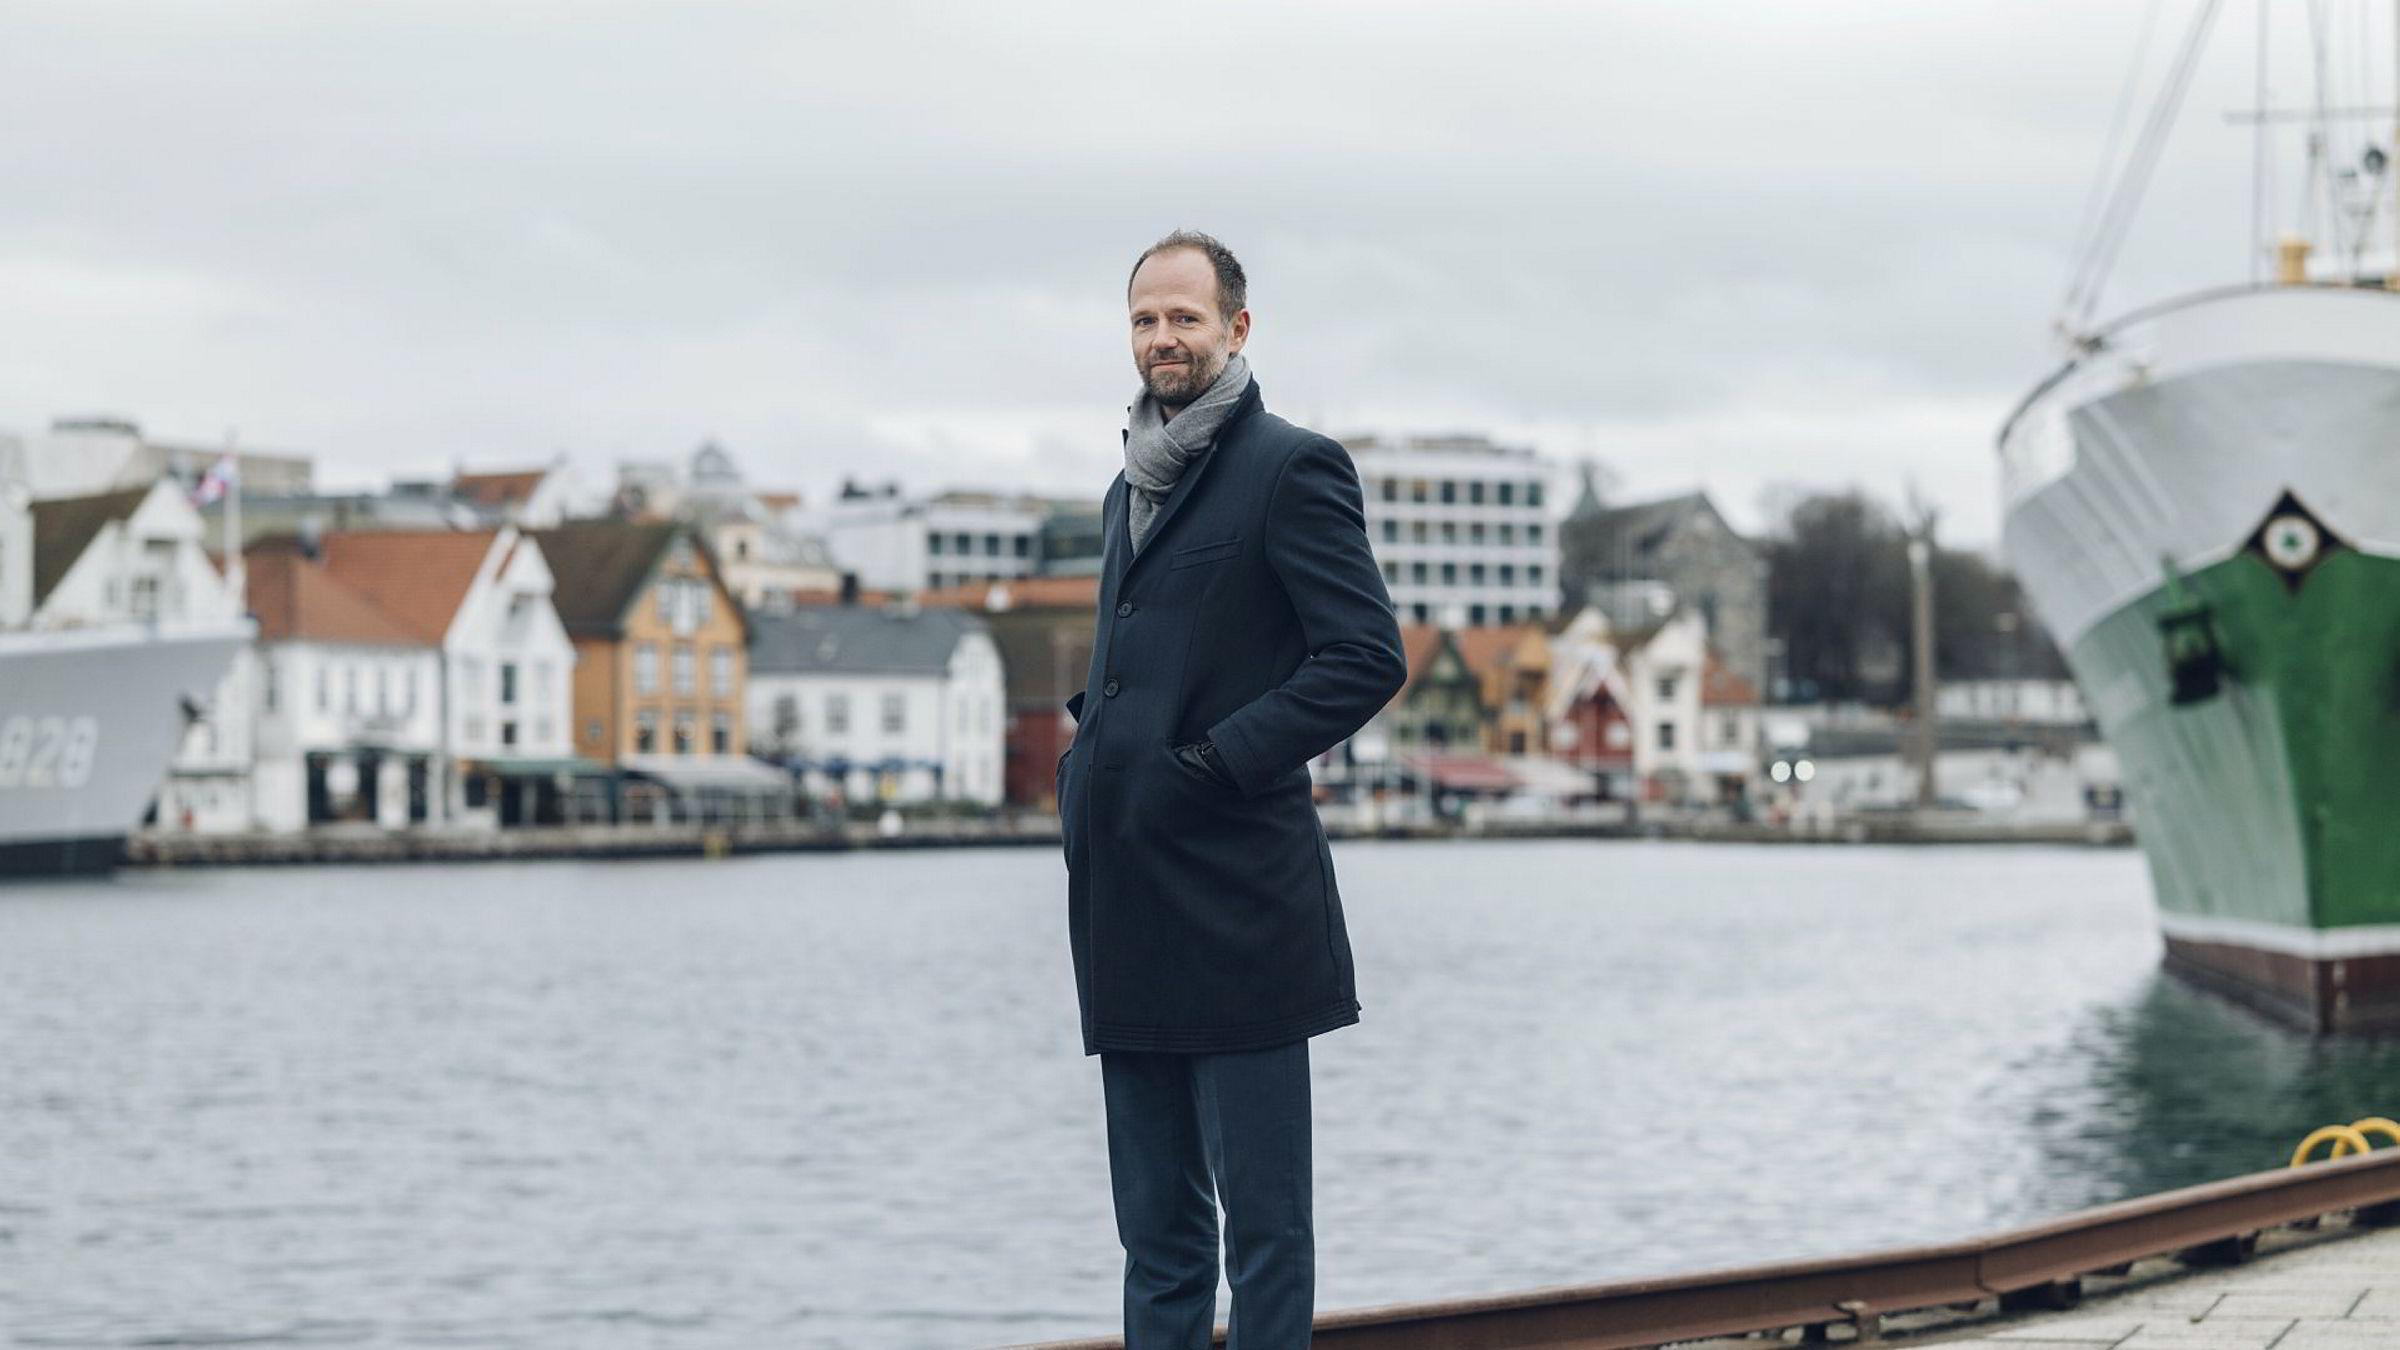 Partner Daniel Rennemo i revisjons- og rådgivningsselskapet PwC har gått gjennom samtlige transaksjoner på norsk sokkel. Han er ikke i tvil om hva som driver endringene. Her fotografert på kaien i oljebyen Stavanger.